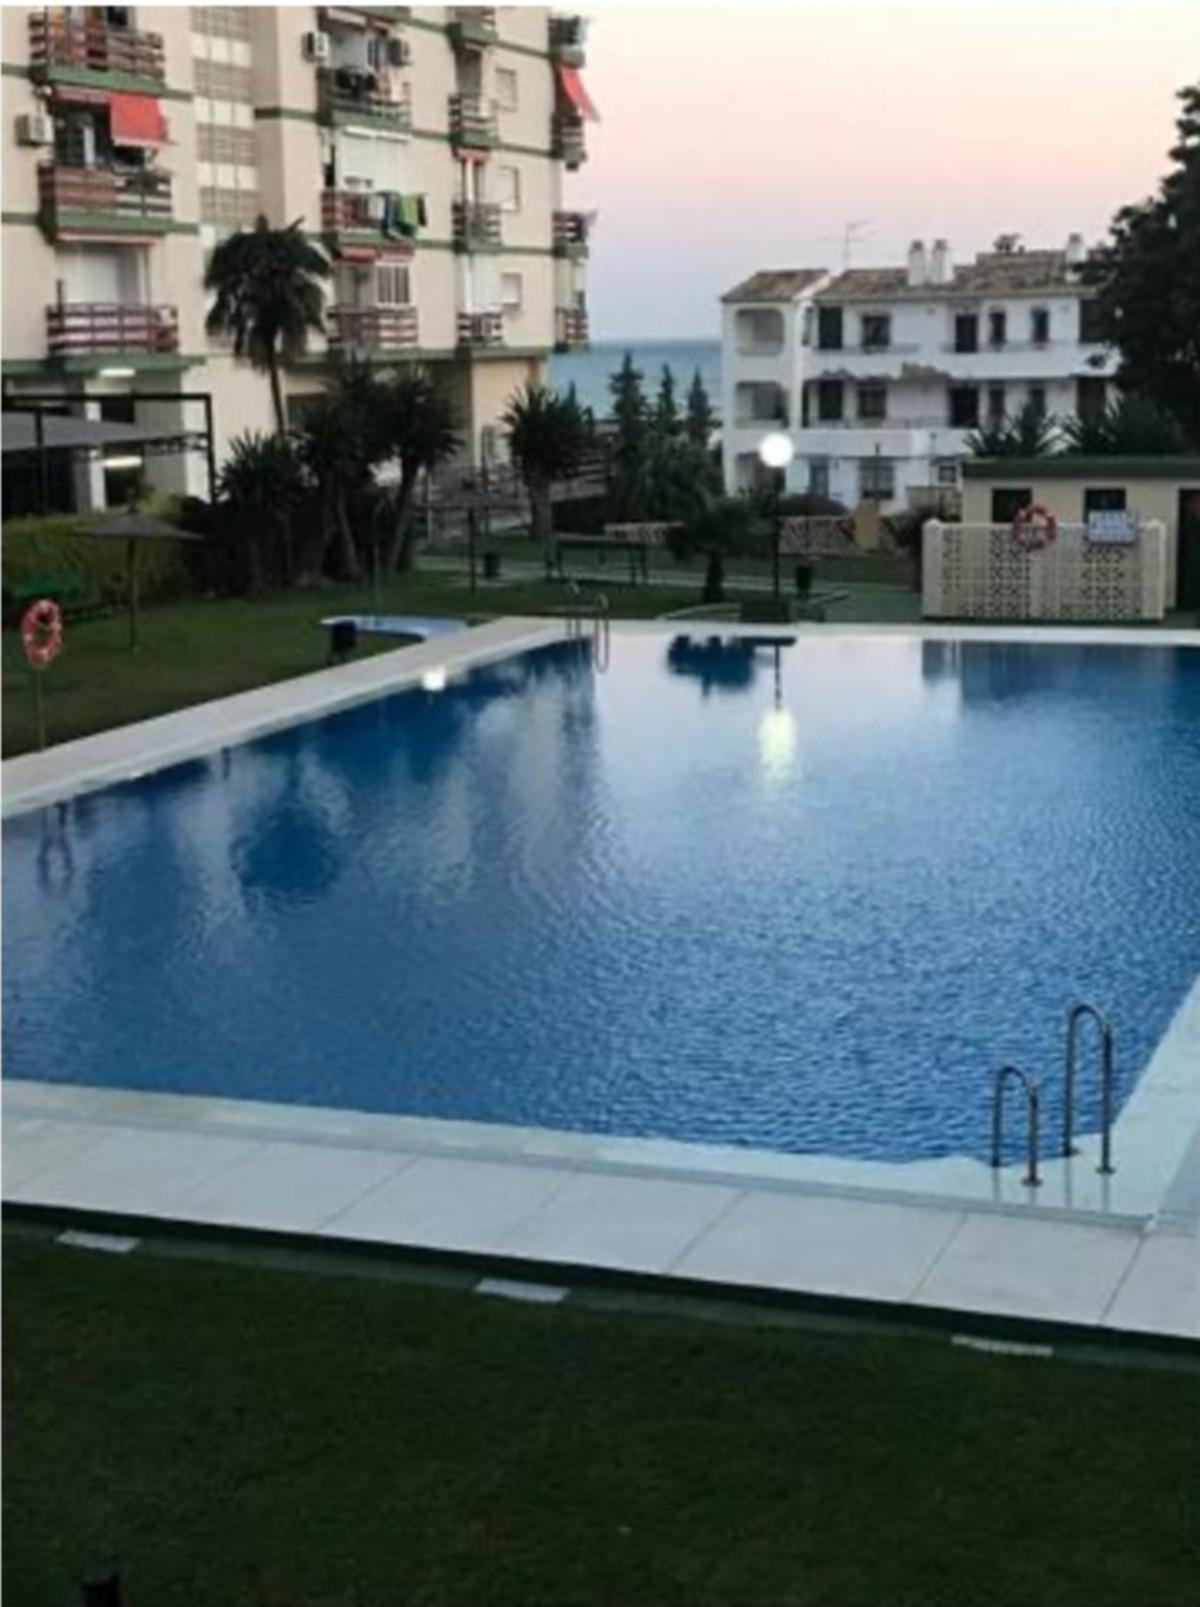 Апартамент - Benalmadena Costa - R3731146 - mibgroup.es